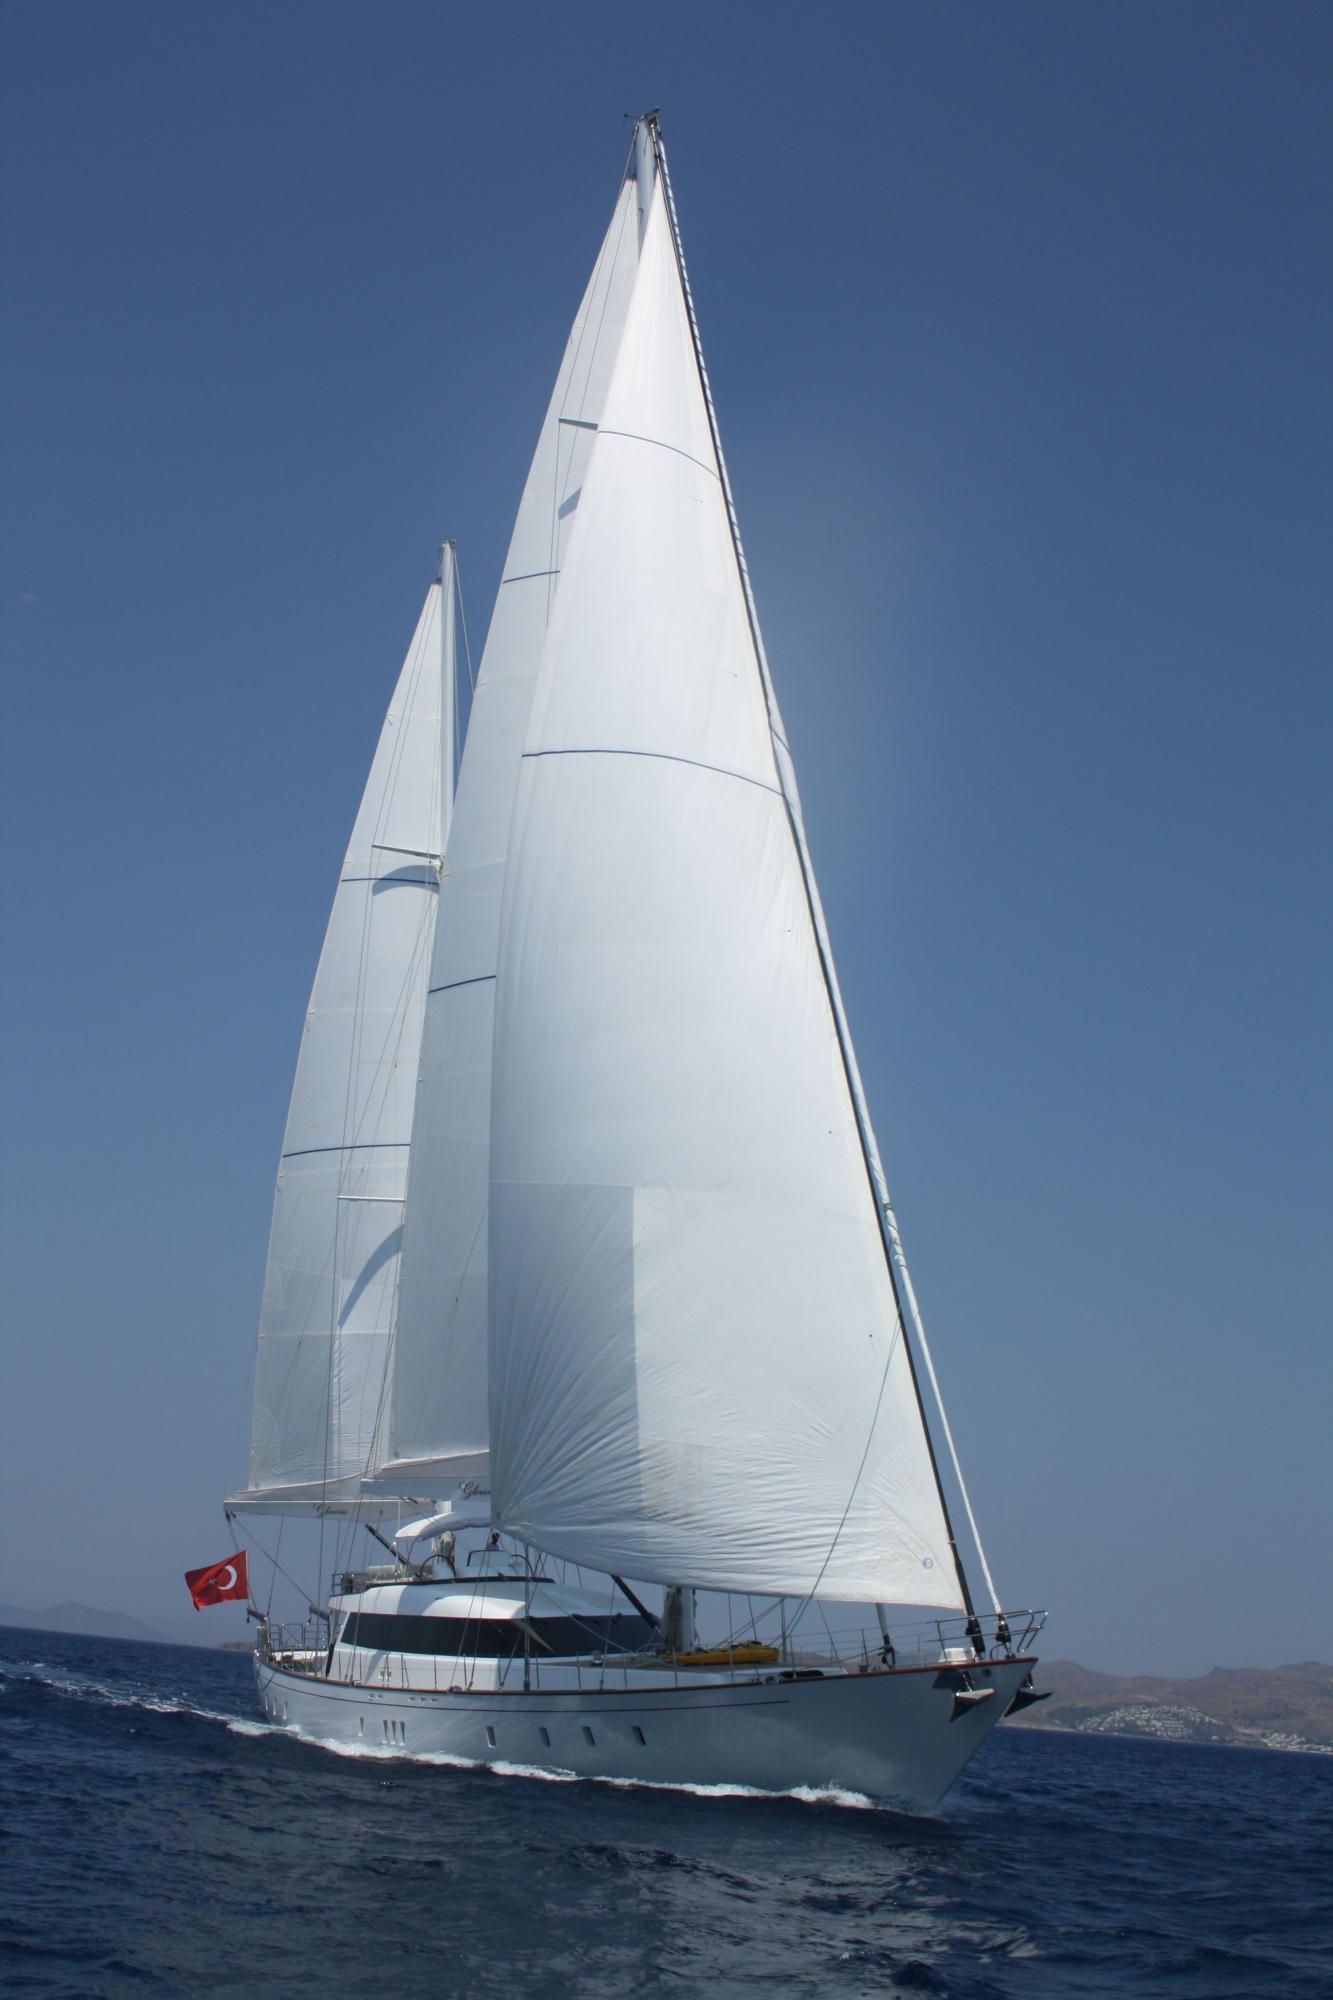 Luxury Motor Sailing Yacht (Ketch) 118 Feet